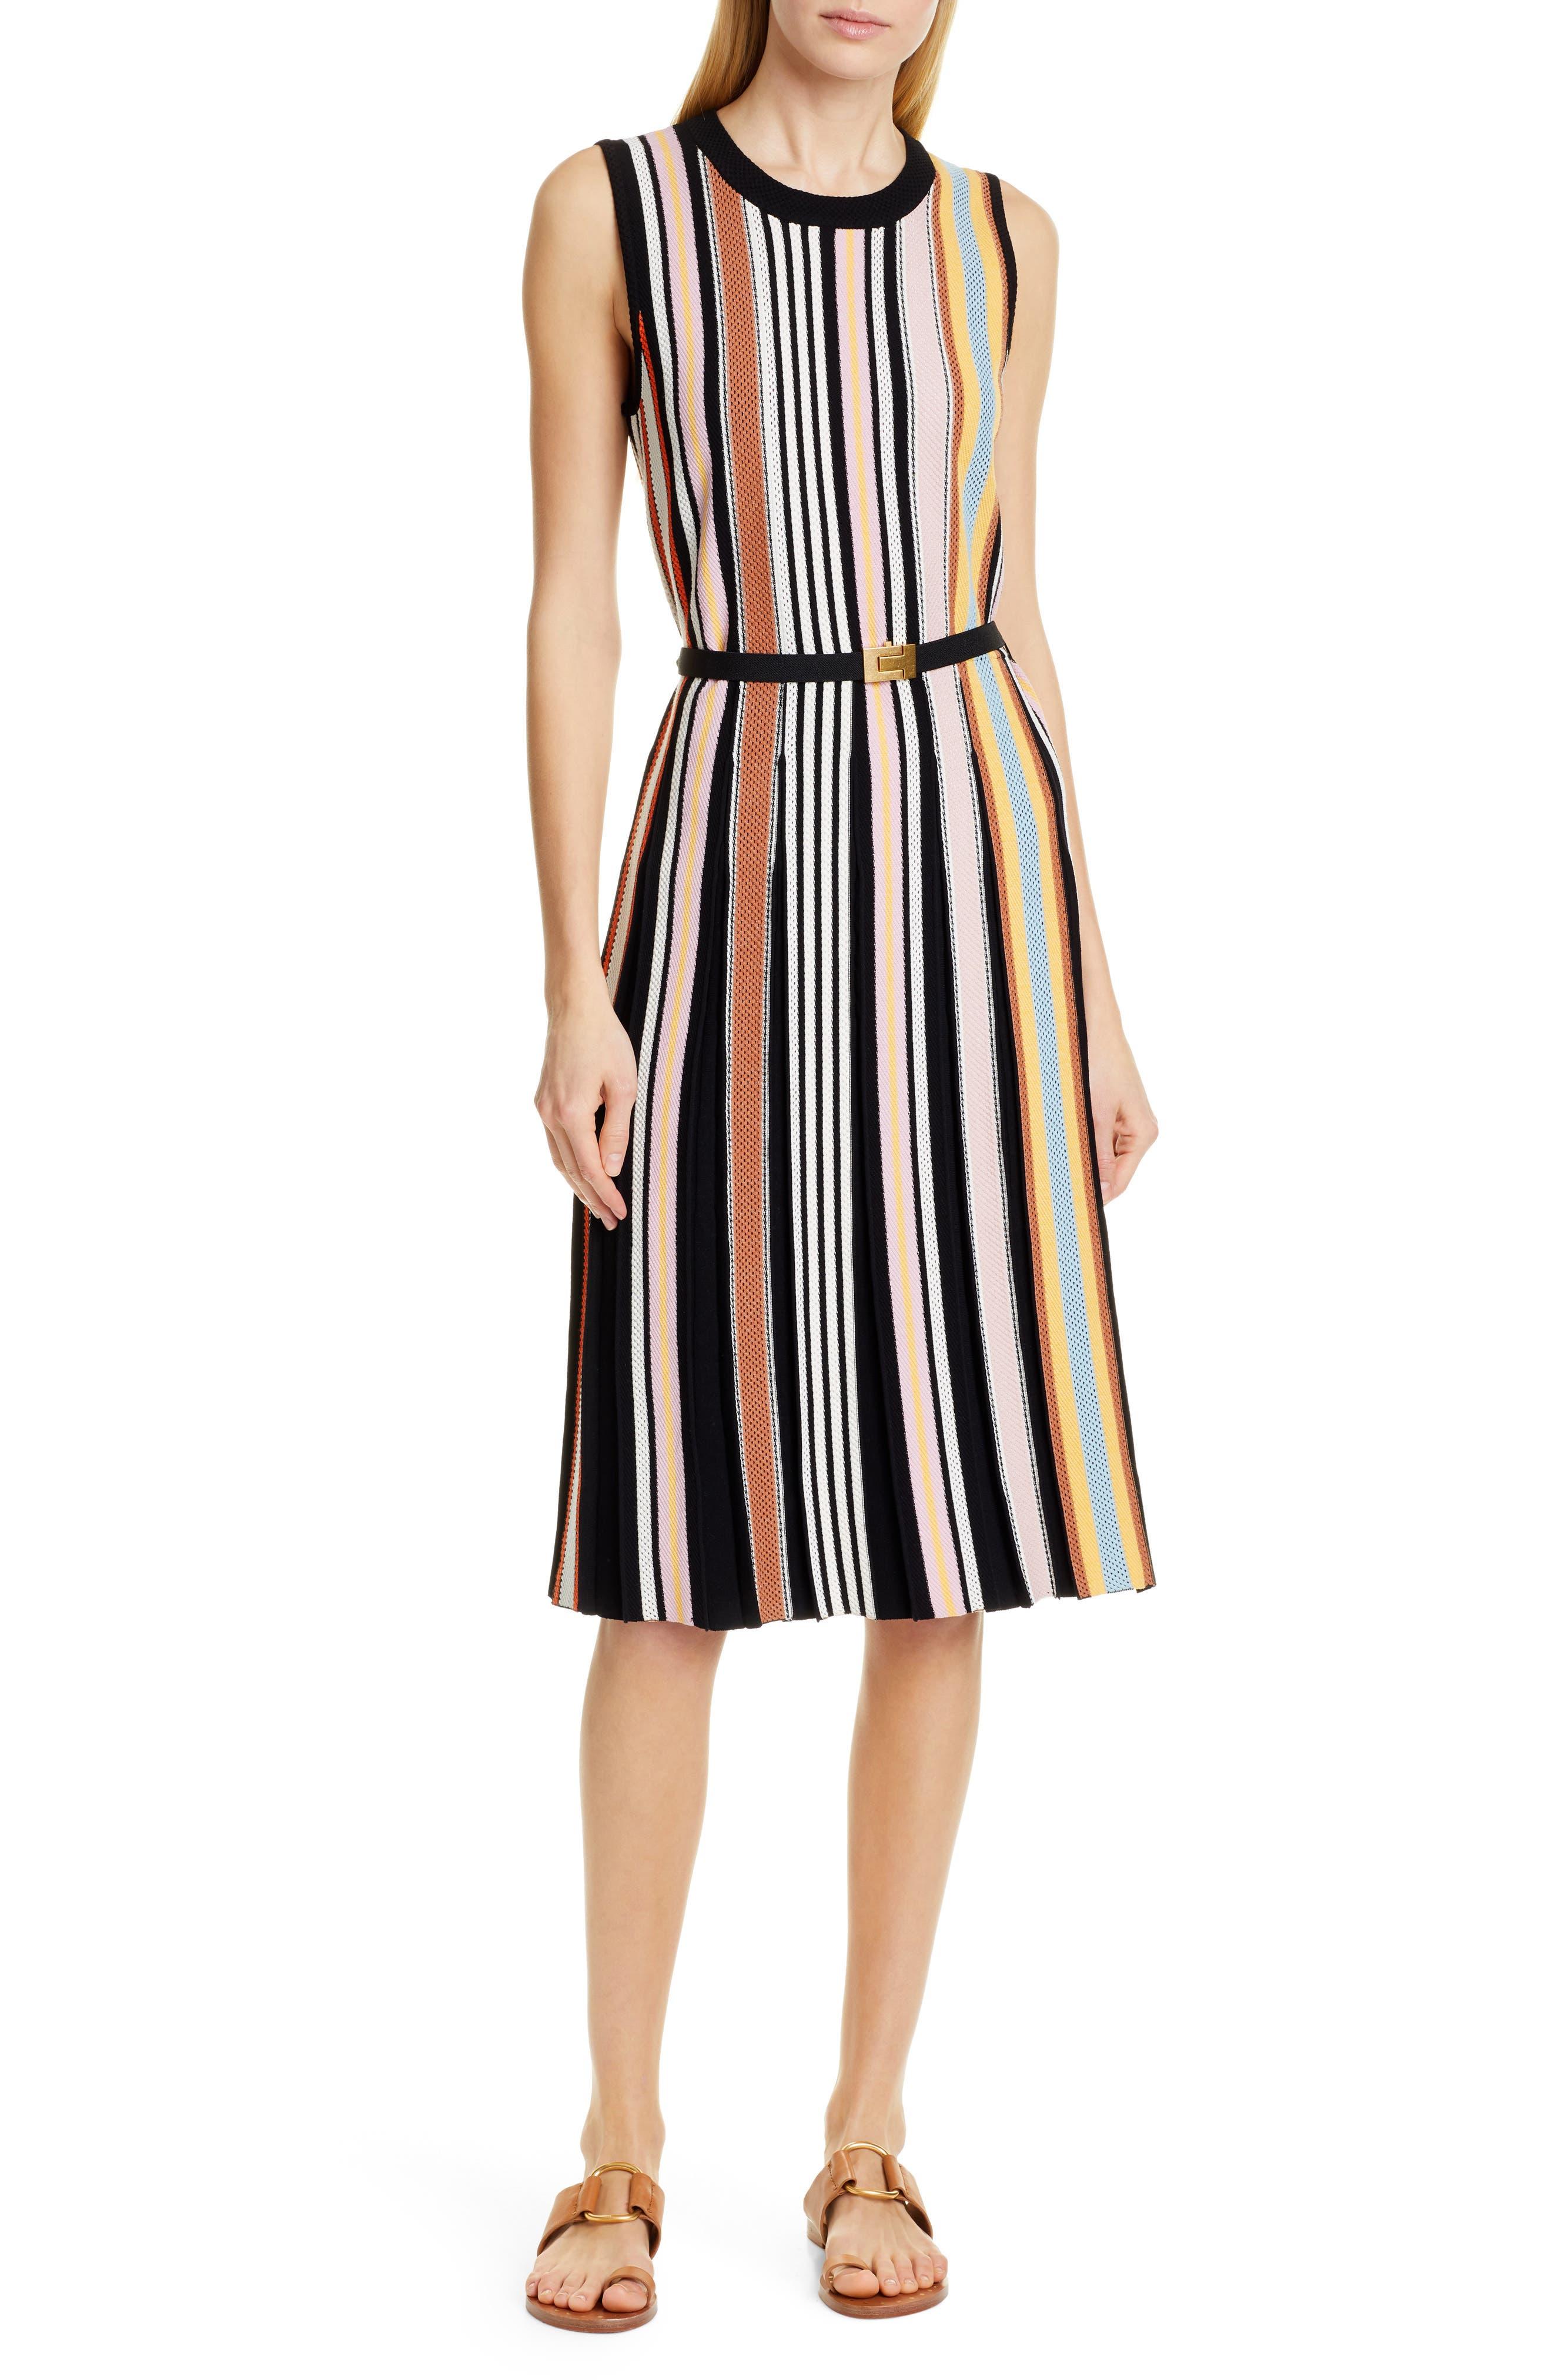 TORY BURCH Stripe Sweater Dress, Main, color, WEBBING STRIPE